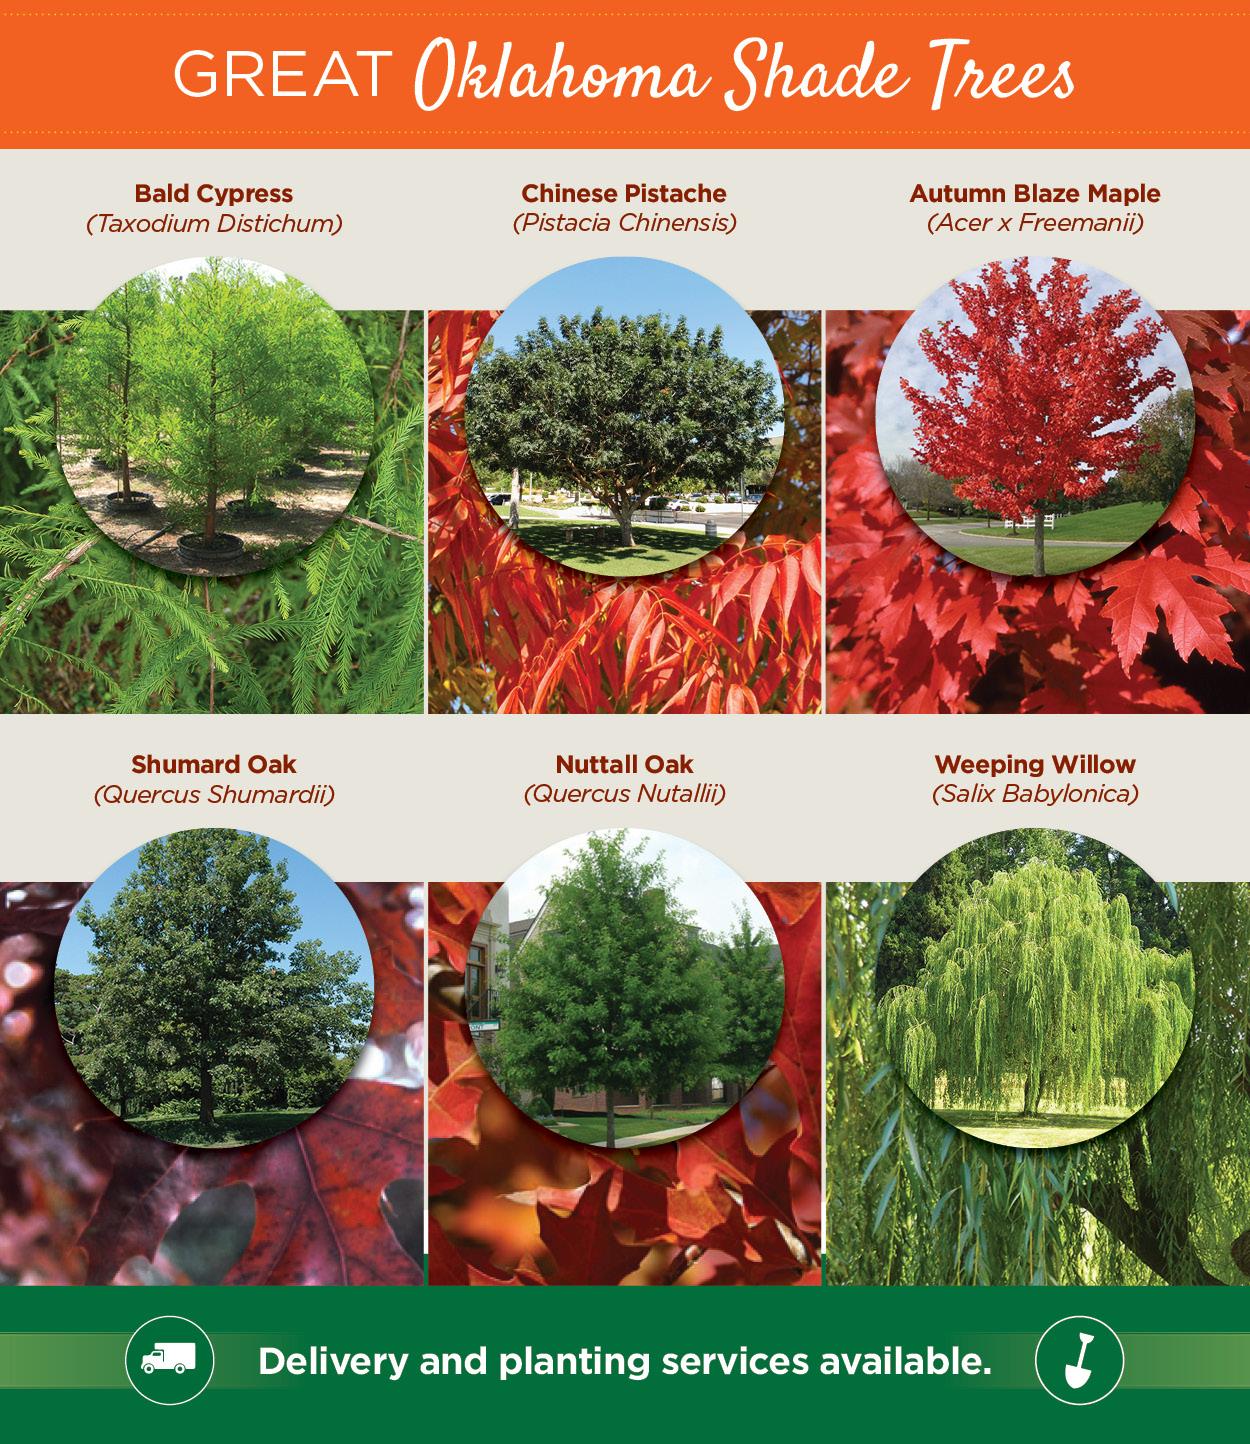 Great Oklahoma Shade Trees | TLC Garden Centers